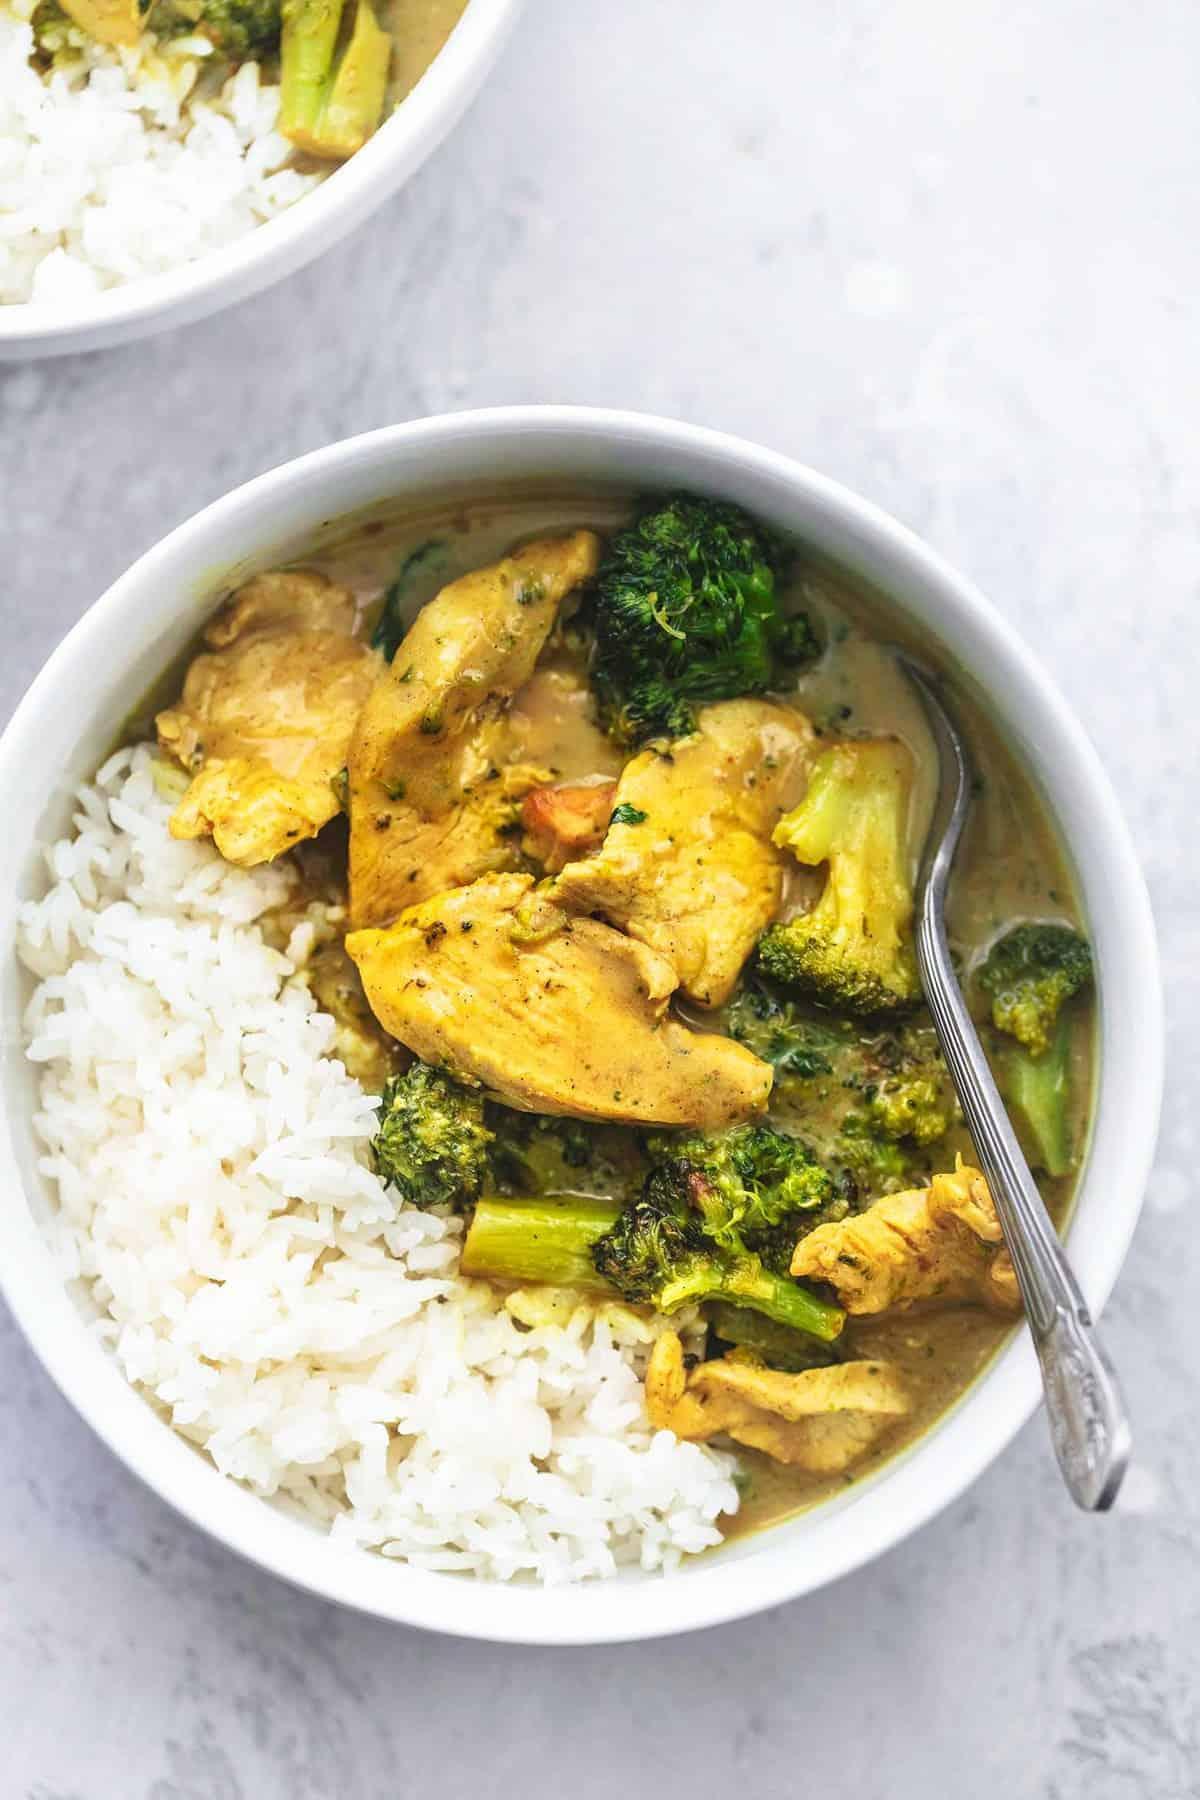 Hühnchen-Brokkoli-Curry und Reis in einer Schüssel